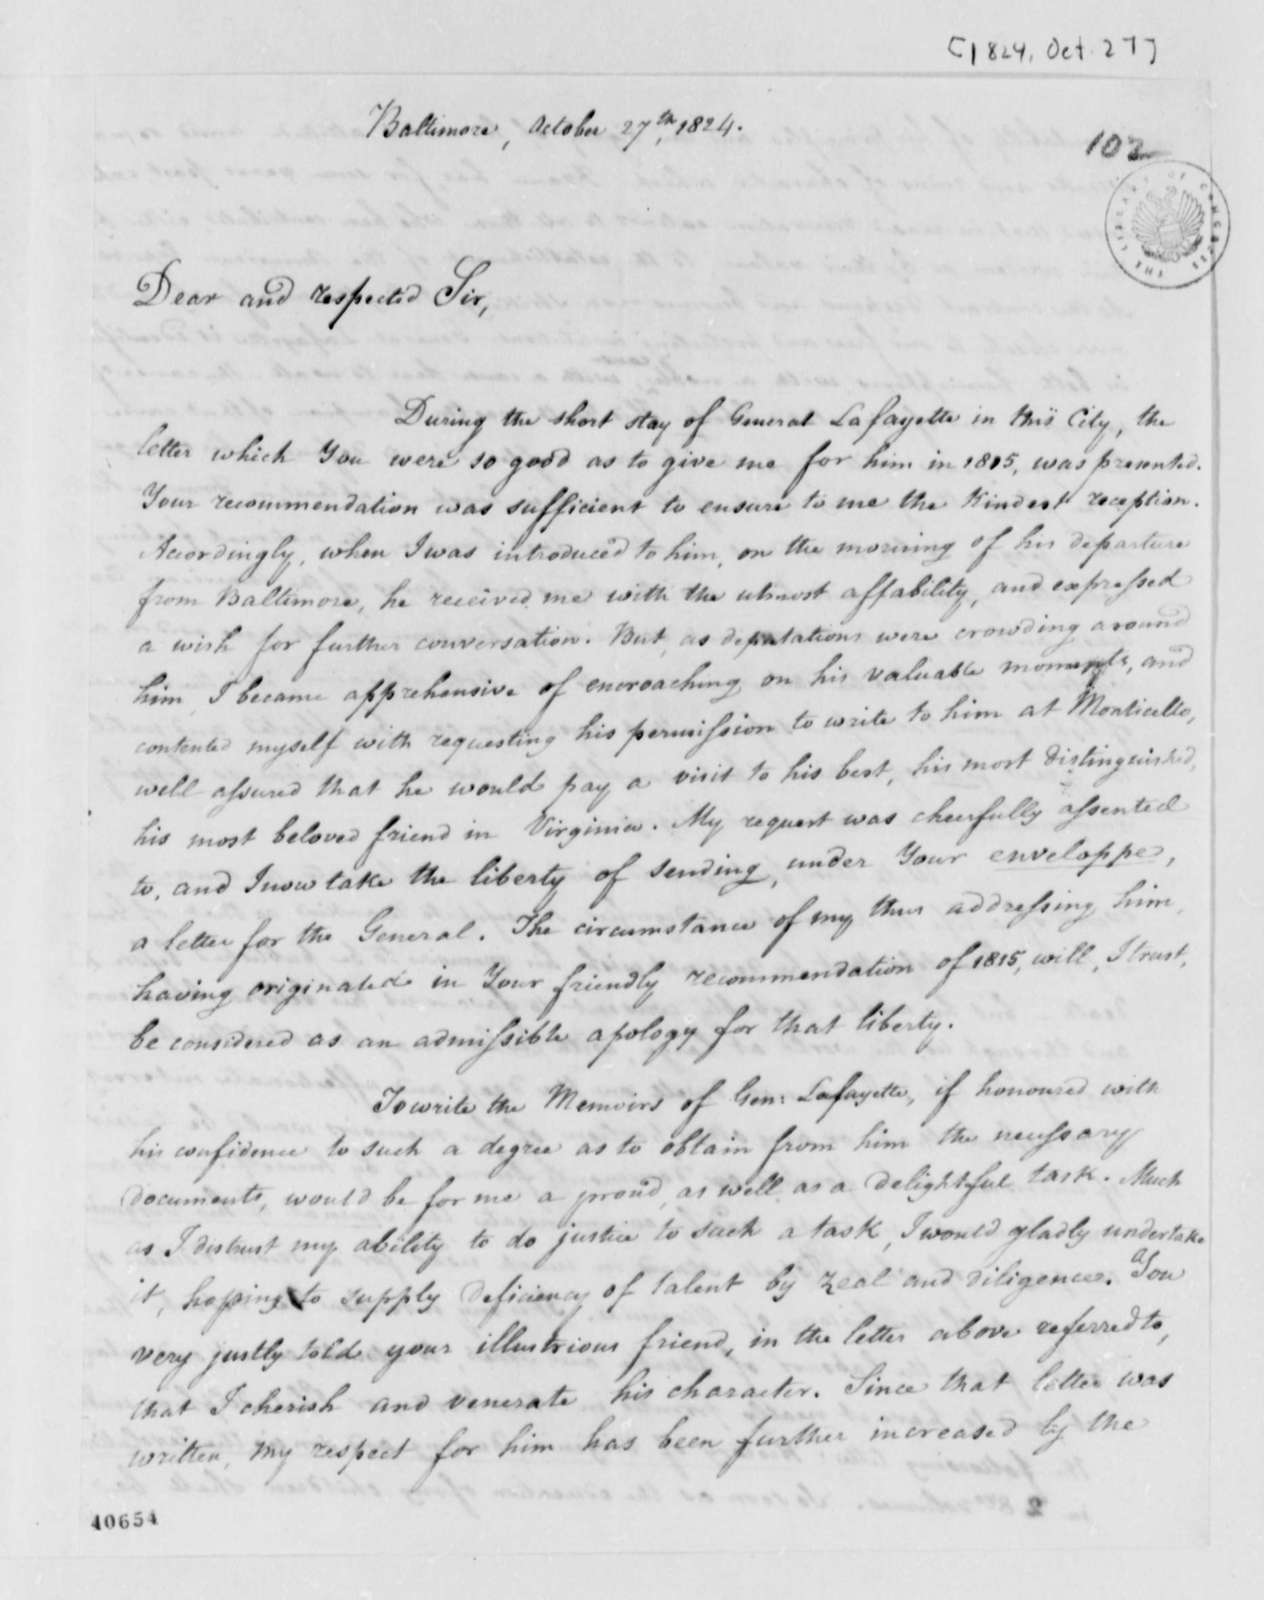 Louis H. Girardin to Thomas Jefferson, October 27, 1824